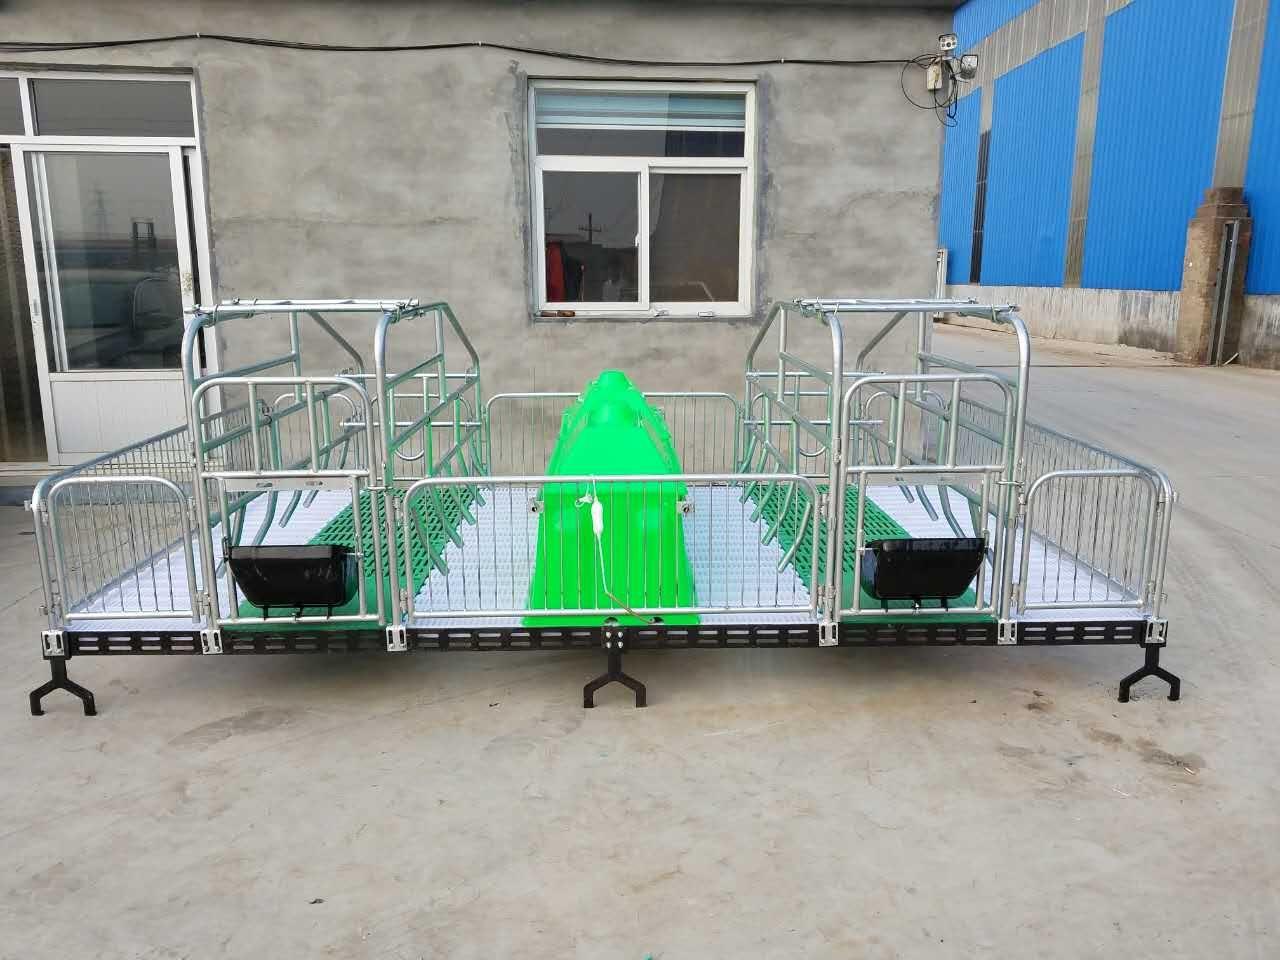 复合母猪产床 镀锌母猪产床 母猪分娩床 猪床厂家 限位栏 保育床